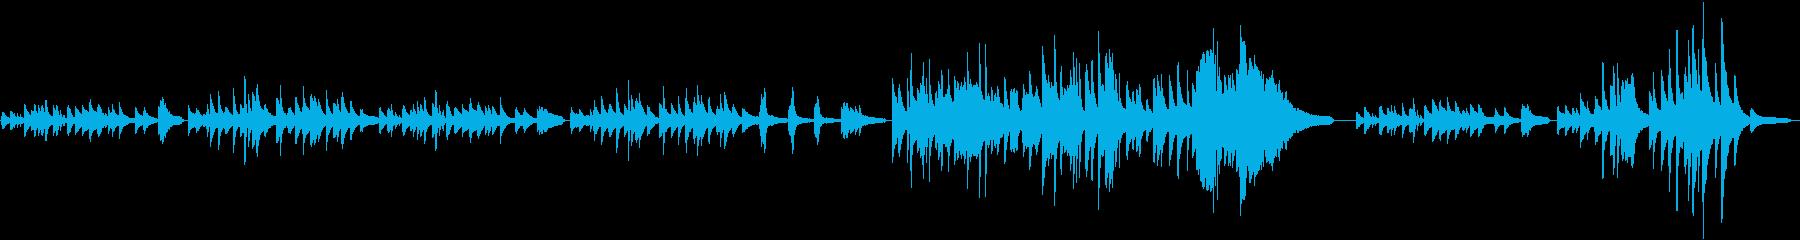 独特な浮遊感のヒーリング、ピアノソロ♪の再生済みの波形